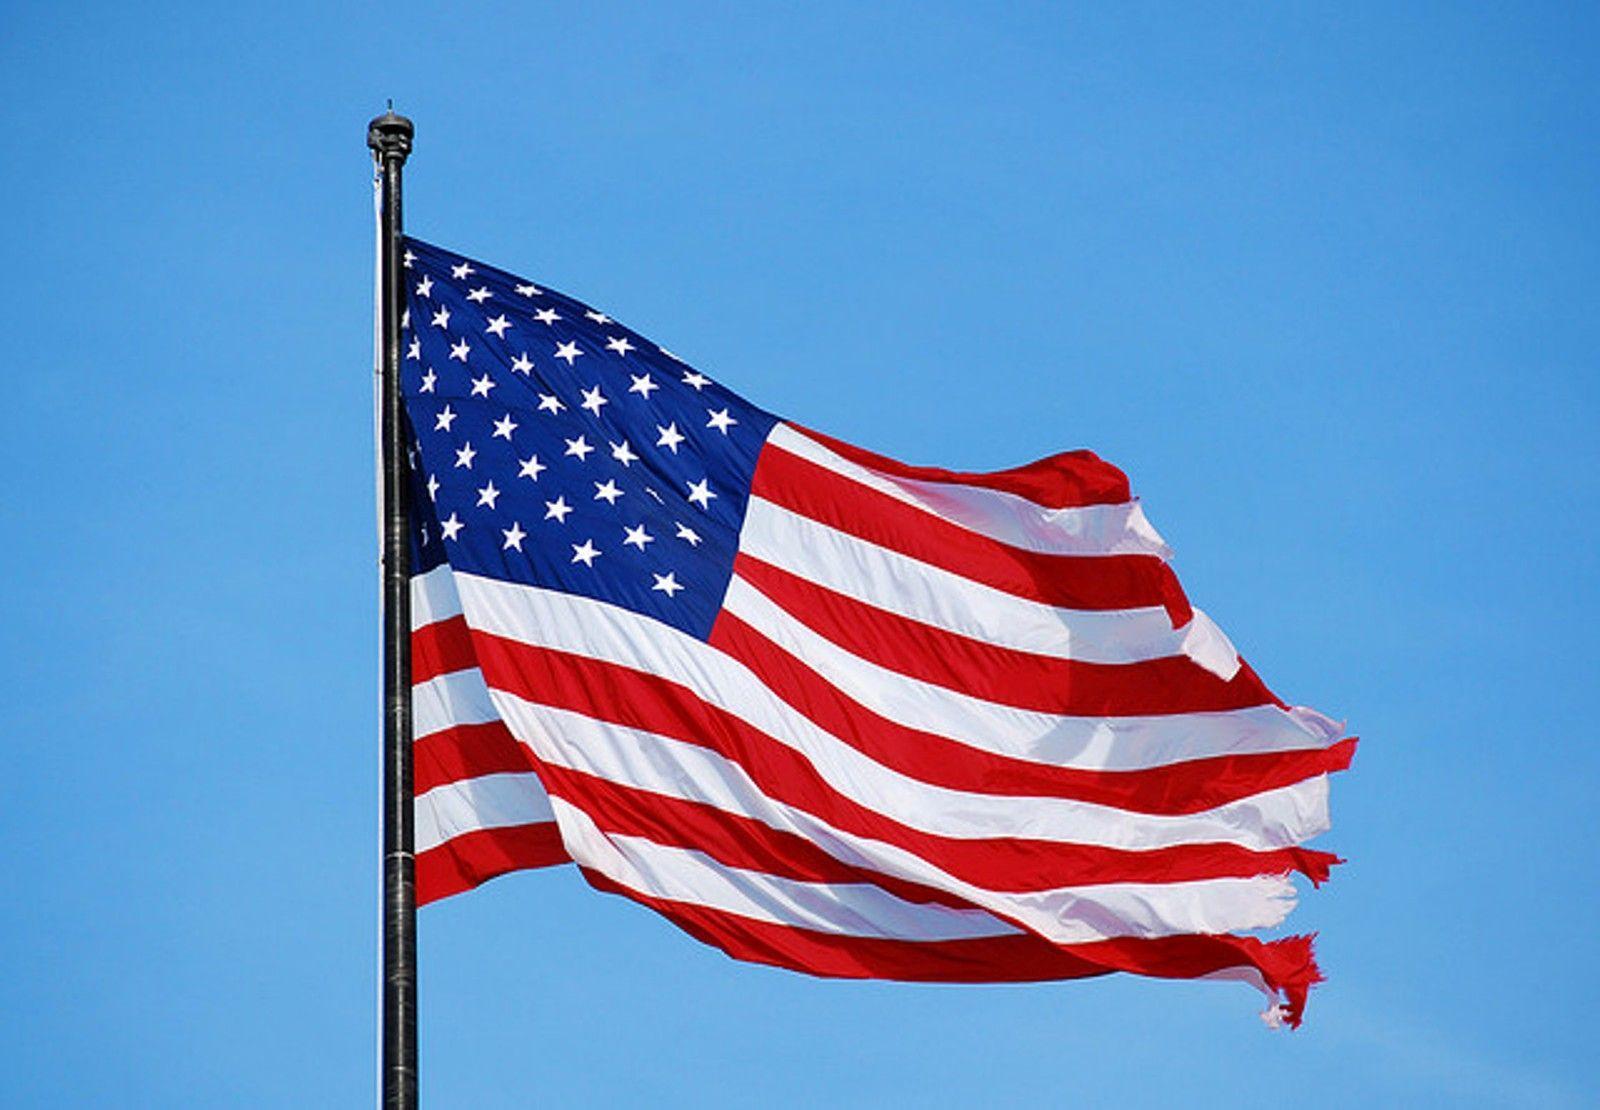 flag desktop background - photo #11